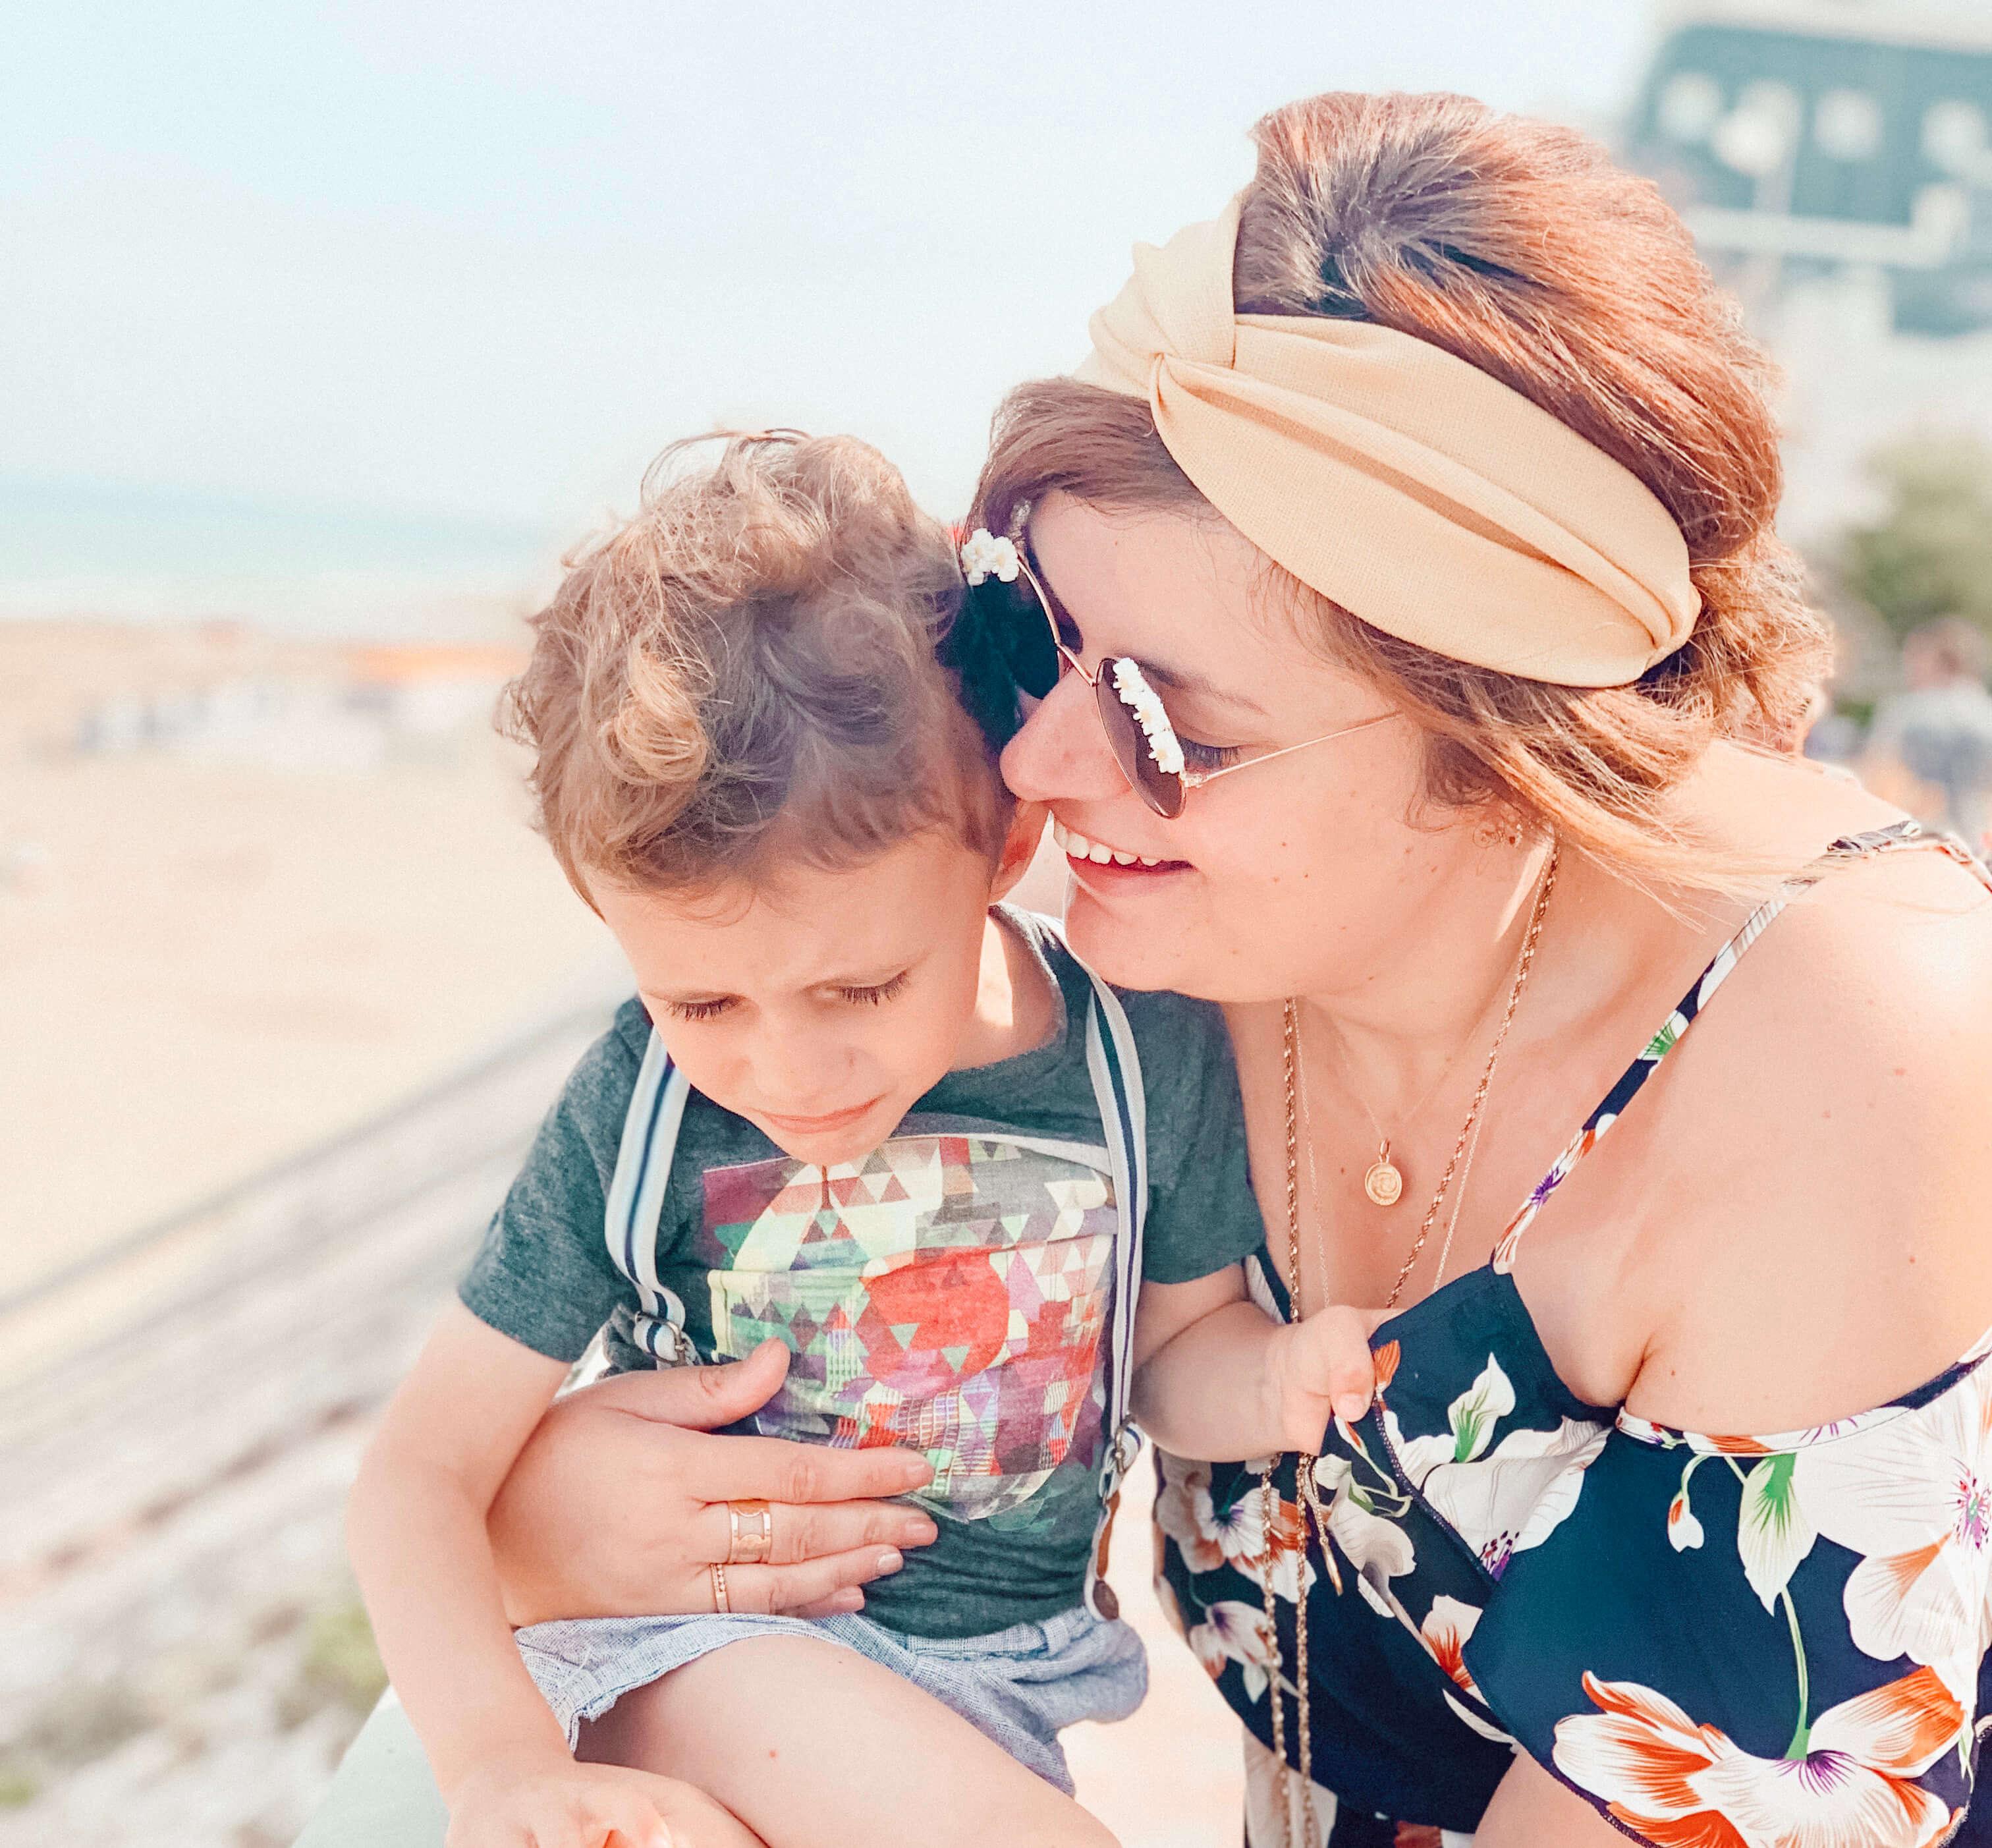 rentrée-première-section-maternelle-conseils-parents-enfant